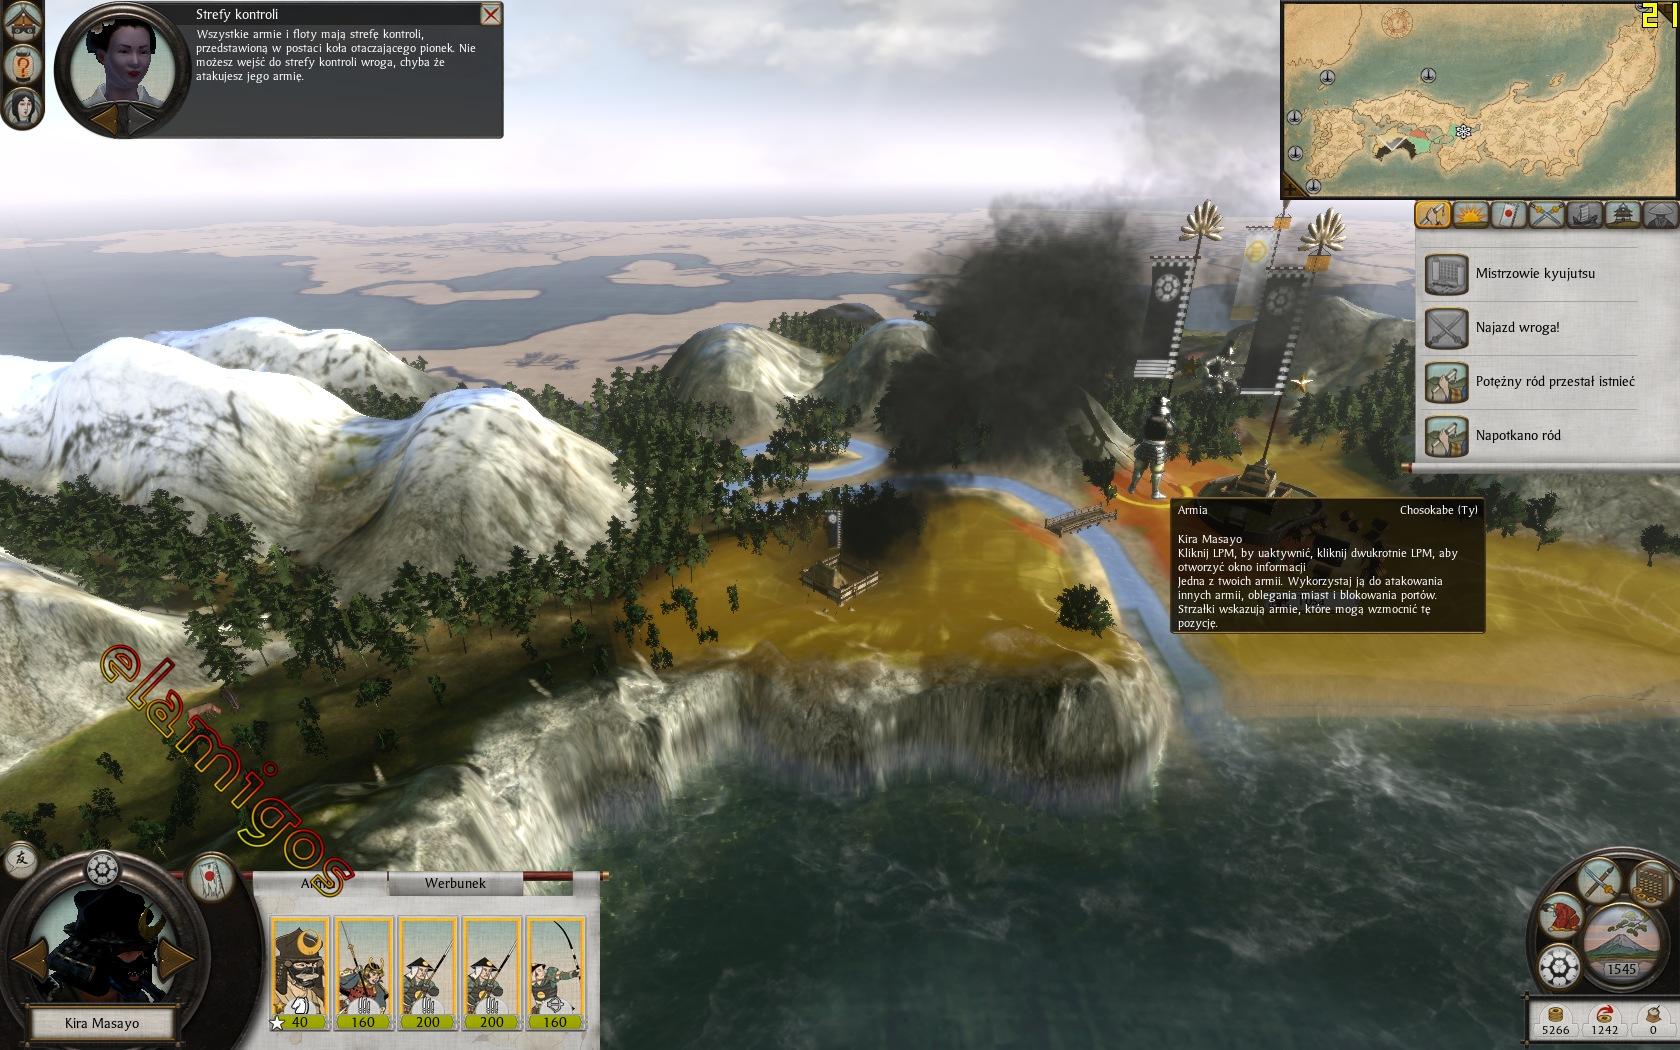 News: Total War: Shogun 2 DirectX 11 Patch Released